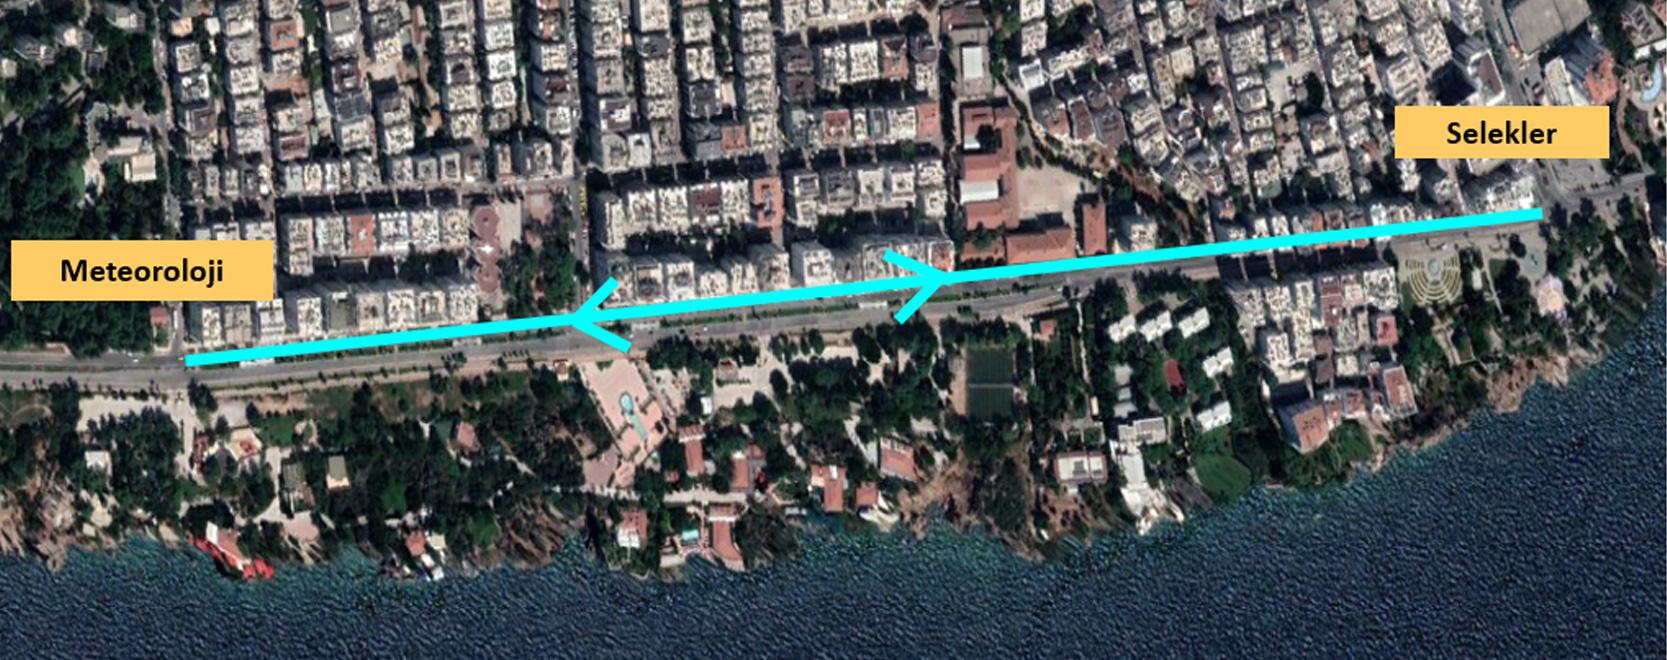 22 Eylül'de Konyaaltı Caddesi'nin Güney aksı trafiğe kapanacak